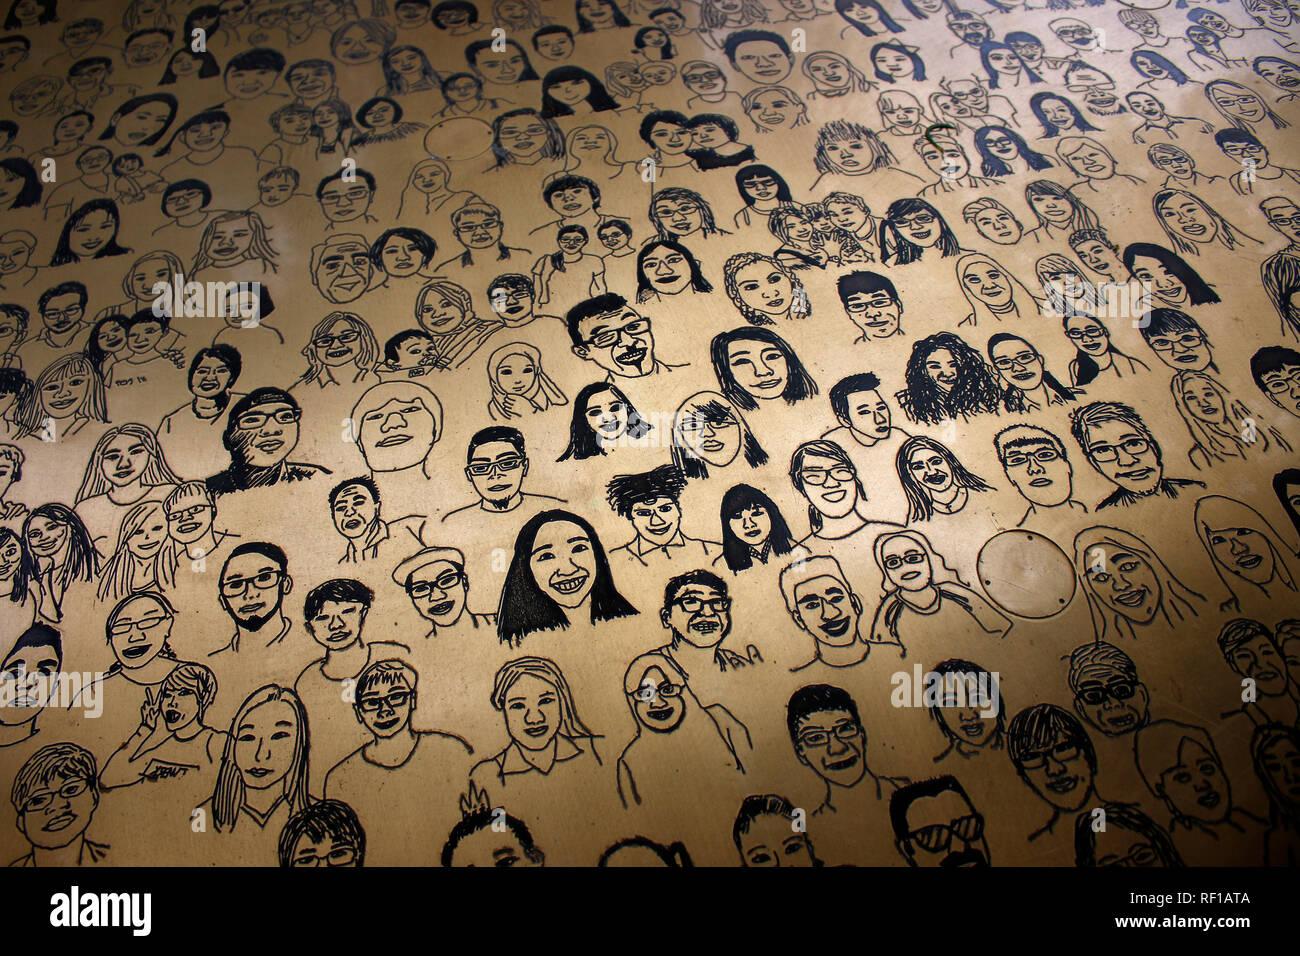 Kunst-Installation, die die ethnische Vielfalt Singapurs darstellt, Singapur (nur fuer redaktionelle Verwendung. Keine Werbung. Referenzdatenbank: htt - Stock Image